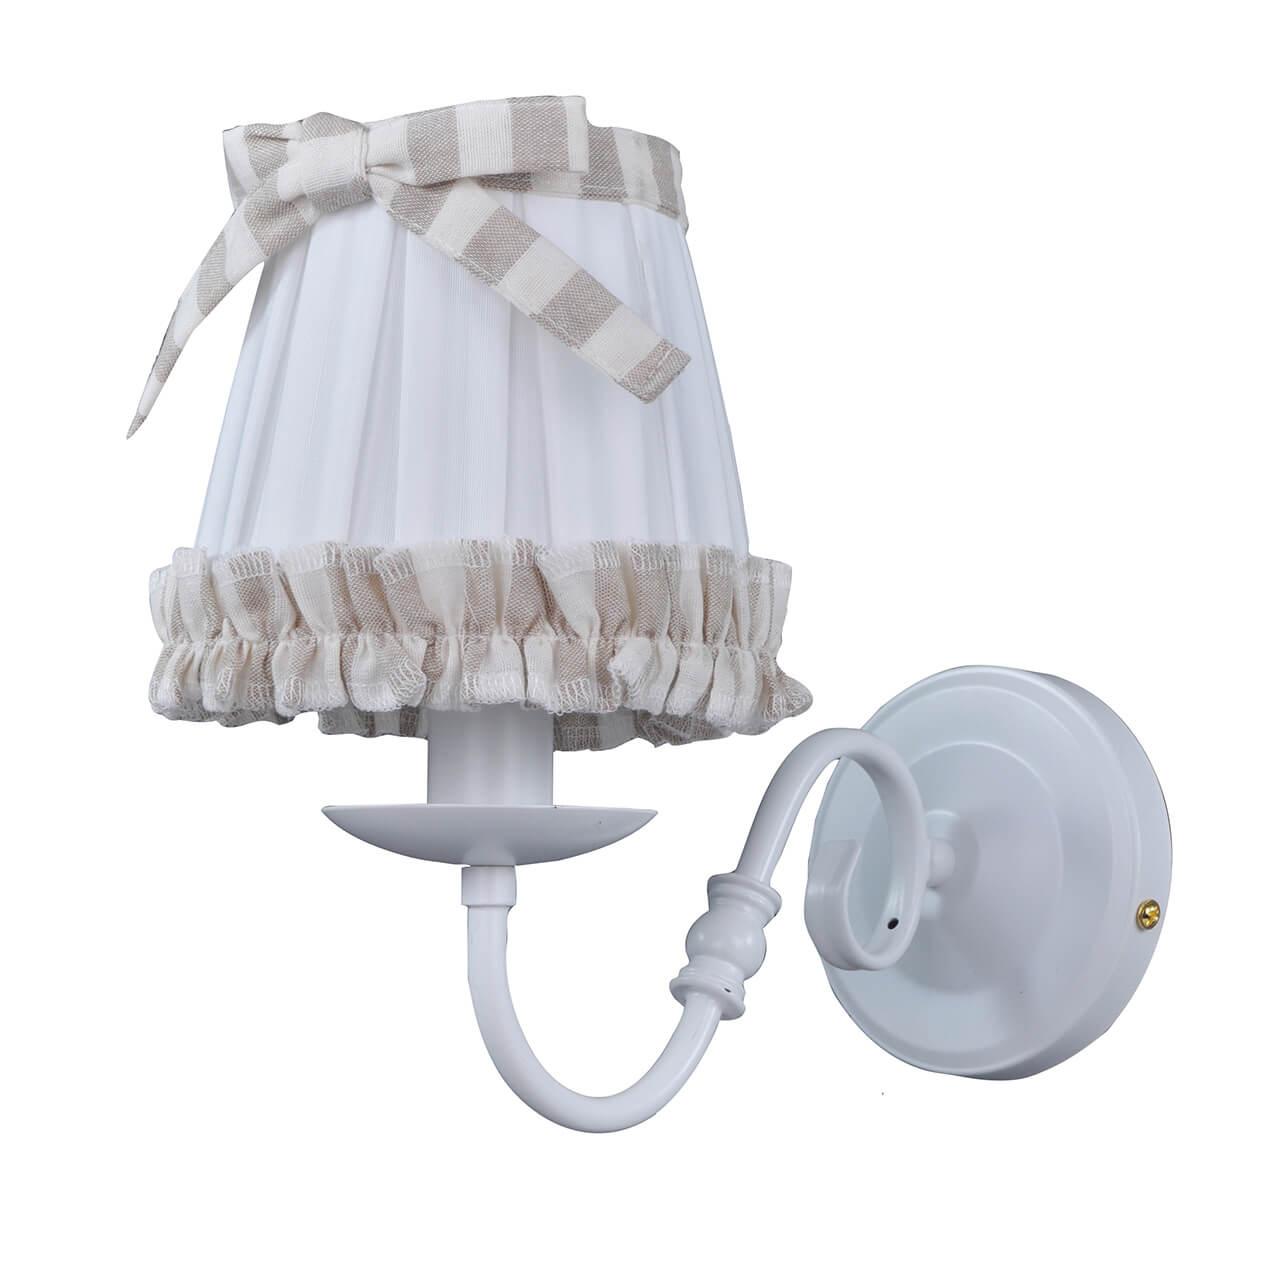 Arti Lampadari Formello E 2.1.1 W